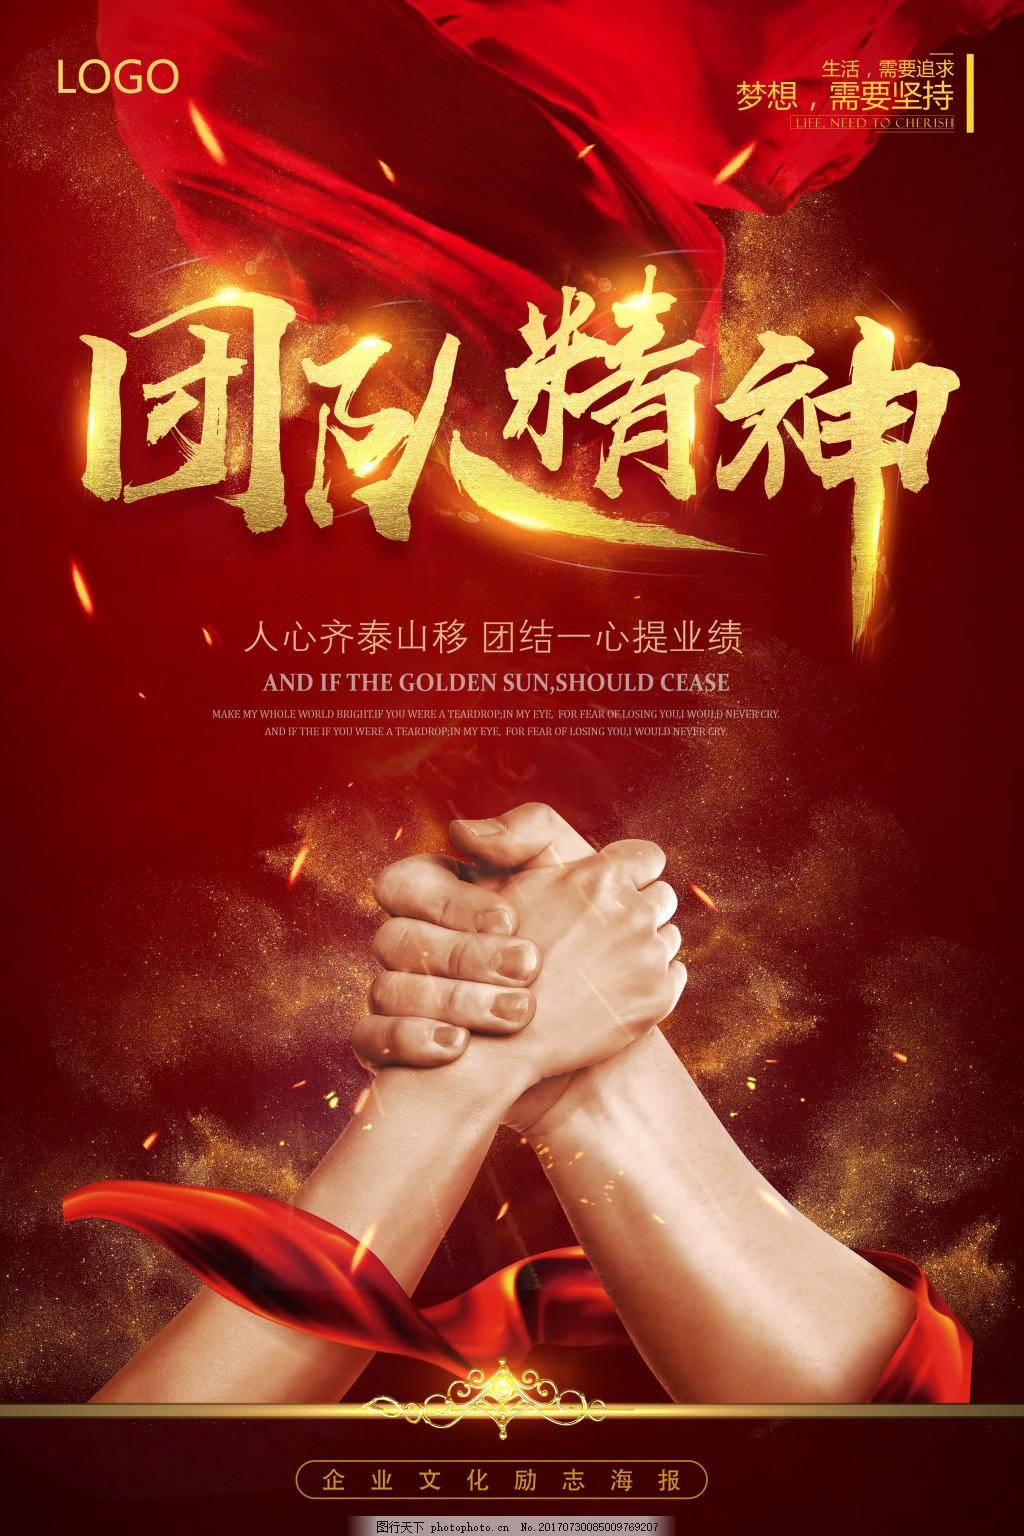 红色团队精神团结协作合作共赢黑金励志海报